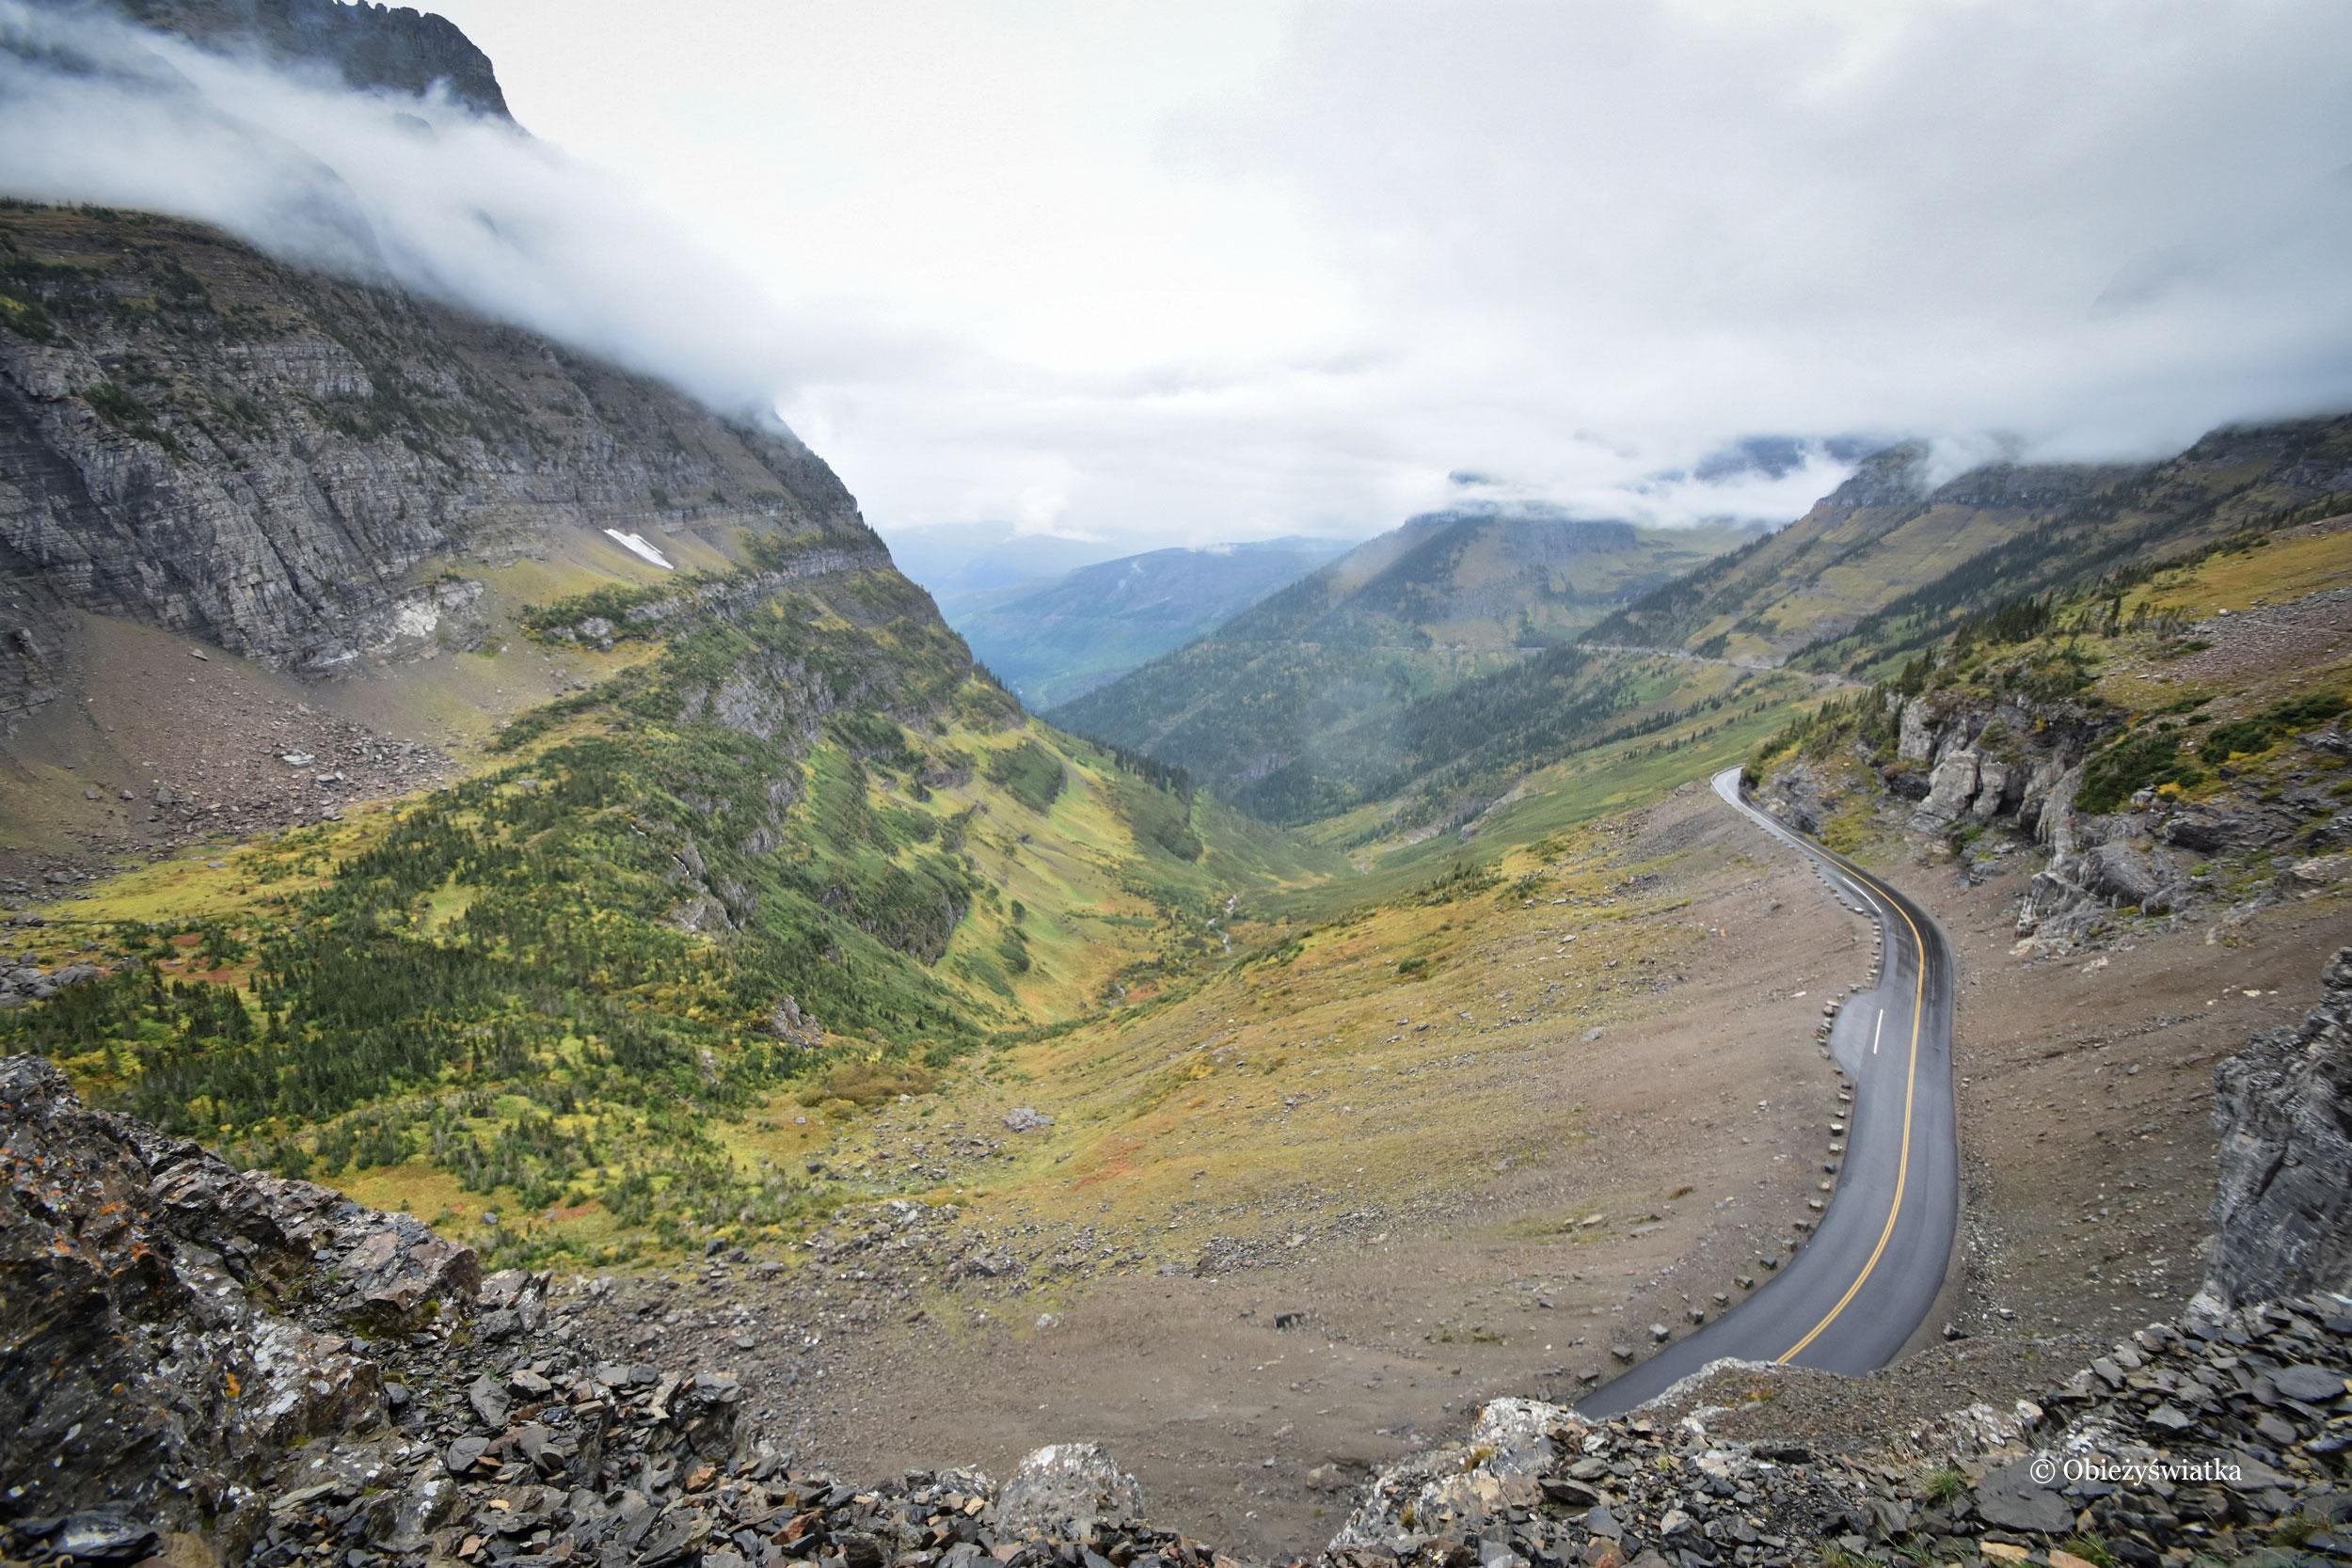 Going to the Sun Road na przełęczy Logana, Montana, USA